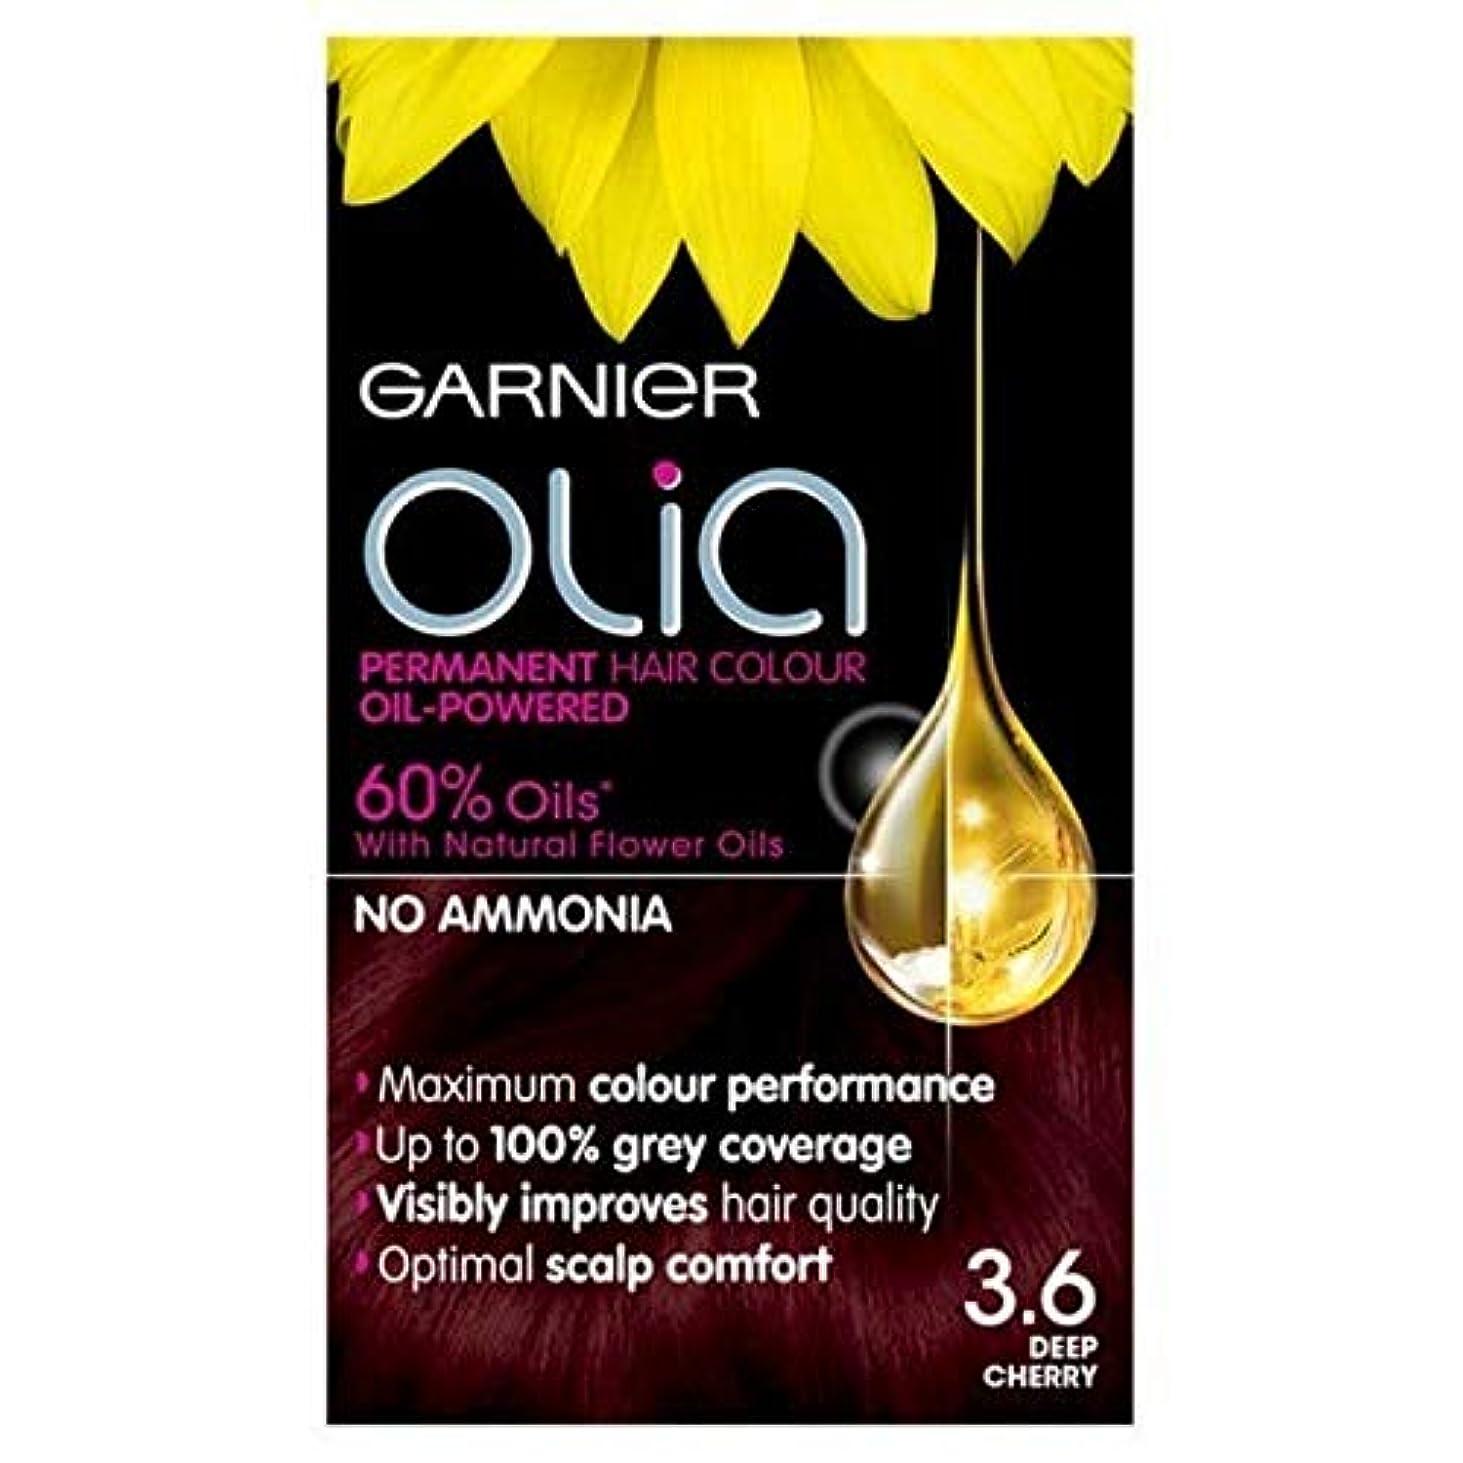 キャプテン数字球体[Garnier ] 3.6永久染毛剤深いチェリーレッドガルニエOlia - Garnier Olia Permanent Hair Dye Deep Cherry Red 3.6 [並行輸入品]